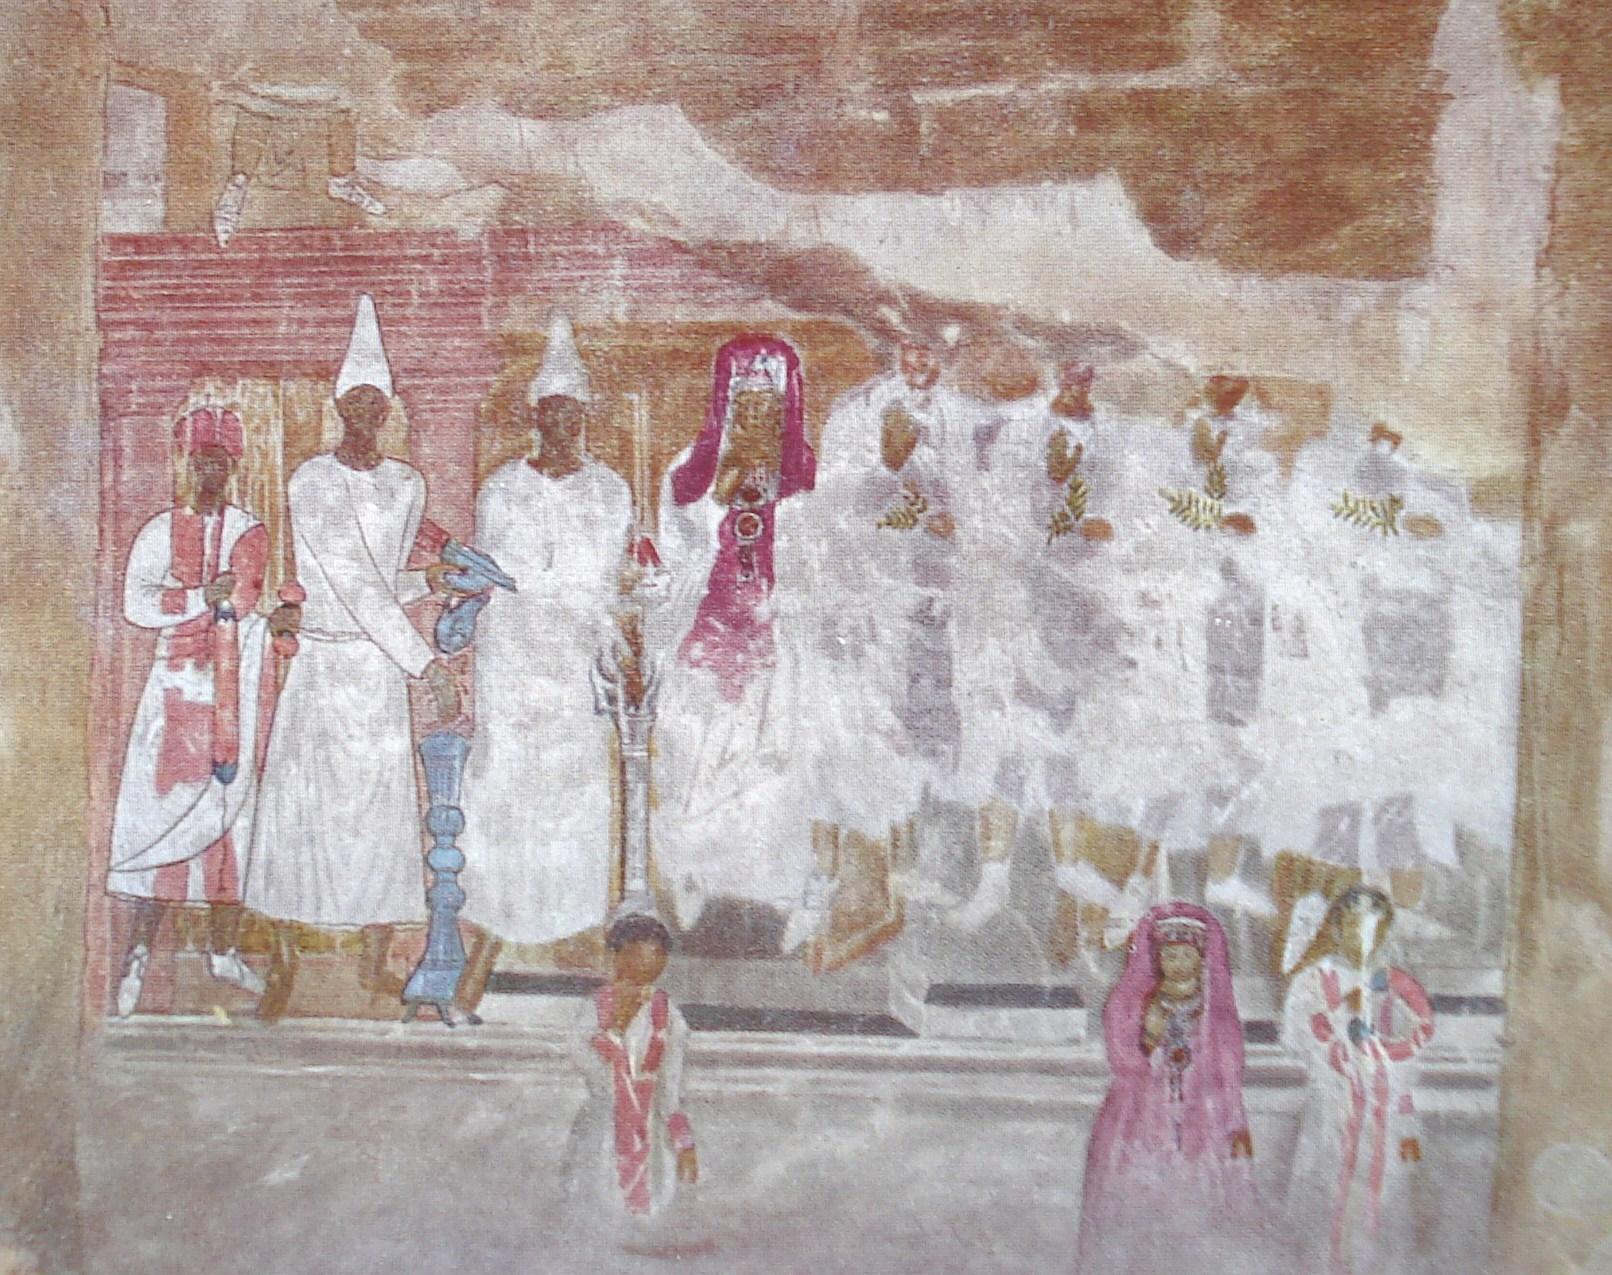 Fig. 5. Peinture du sacrifice de Conon. Sanctuaire de Bêl, Doura-Europos. Cumont 1926, pl. XXXI.